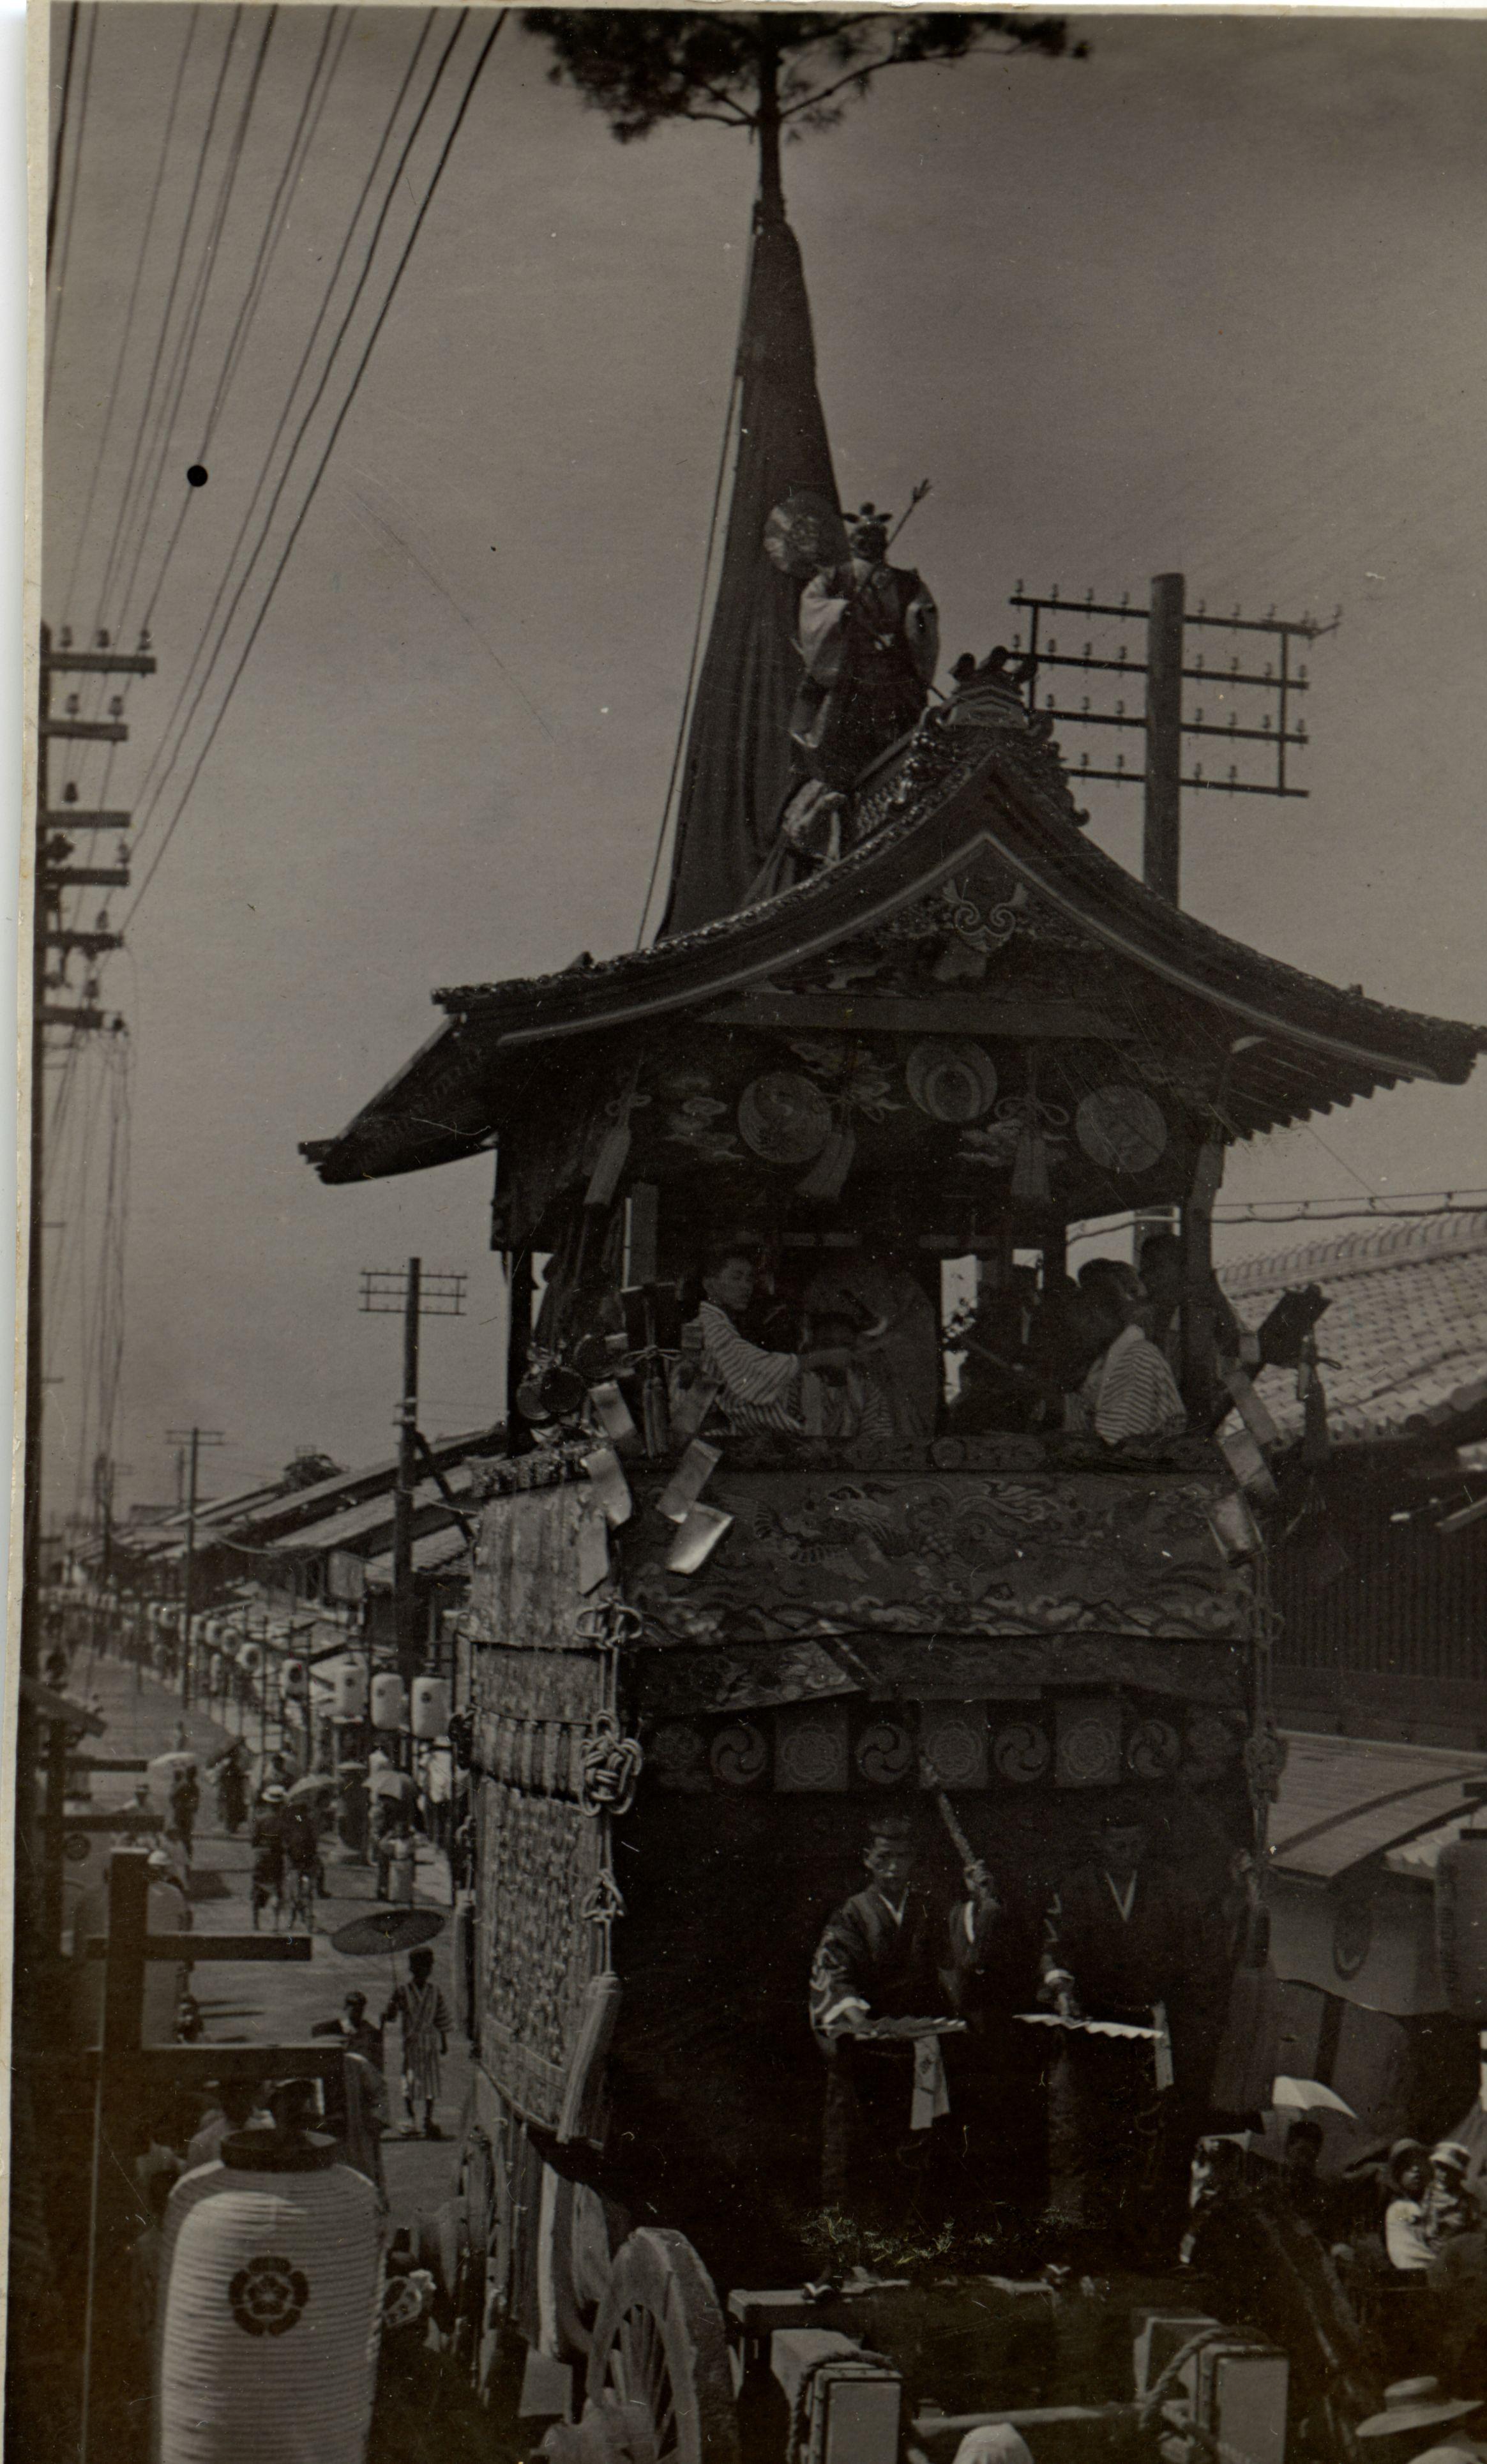 船鉾町(新町通)を通過する岩戸山と長刀鉾